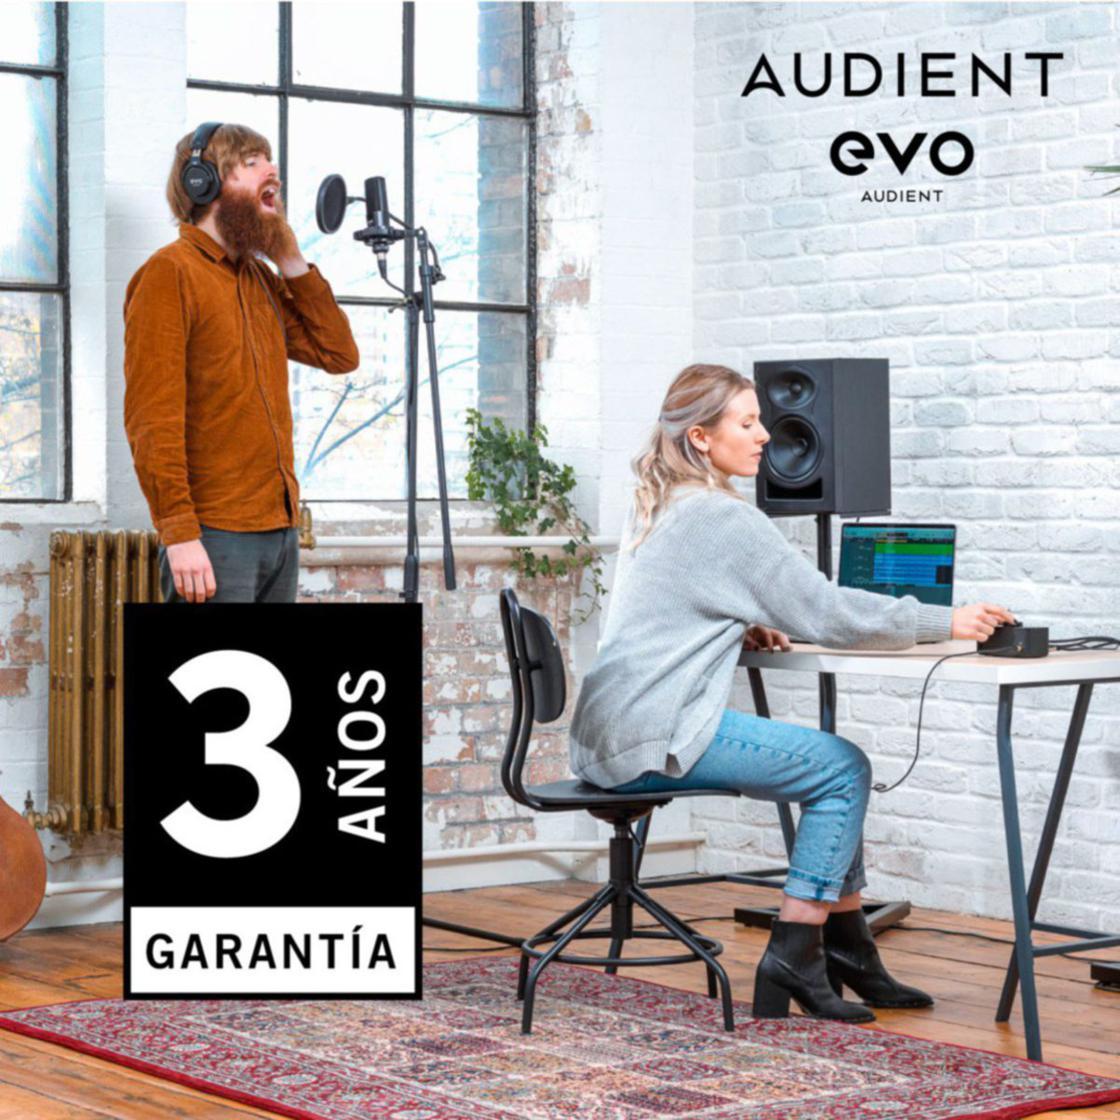 Garantía de Audient ampliada a tres años